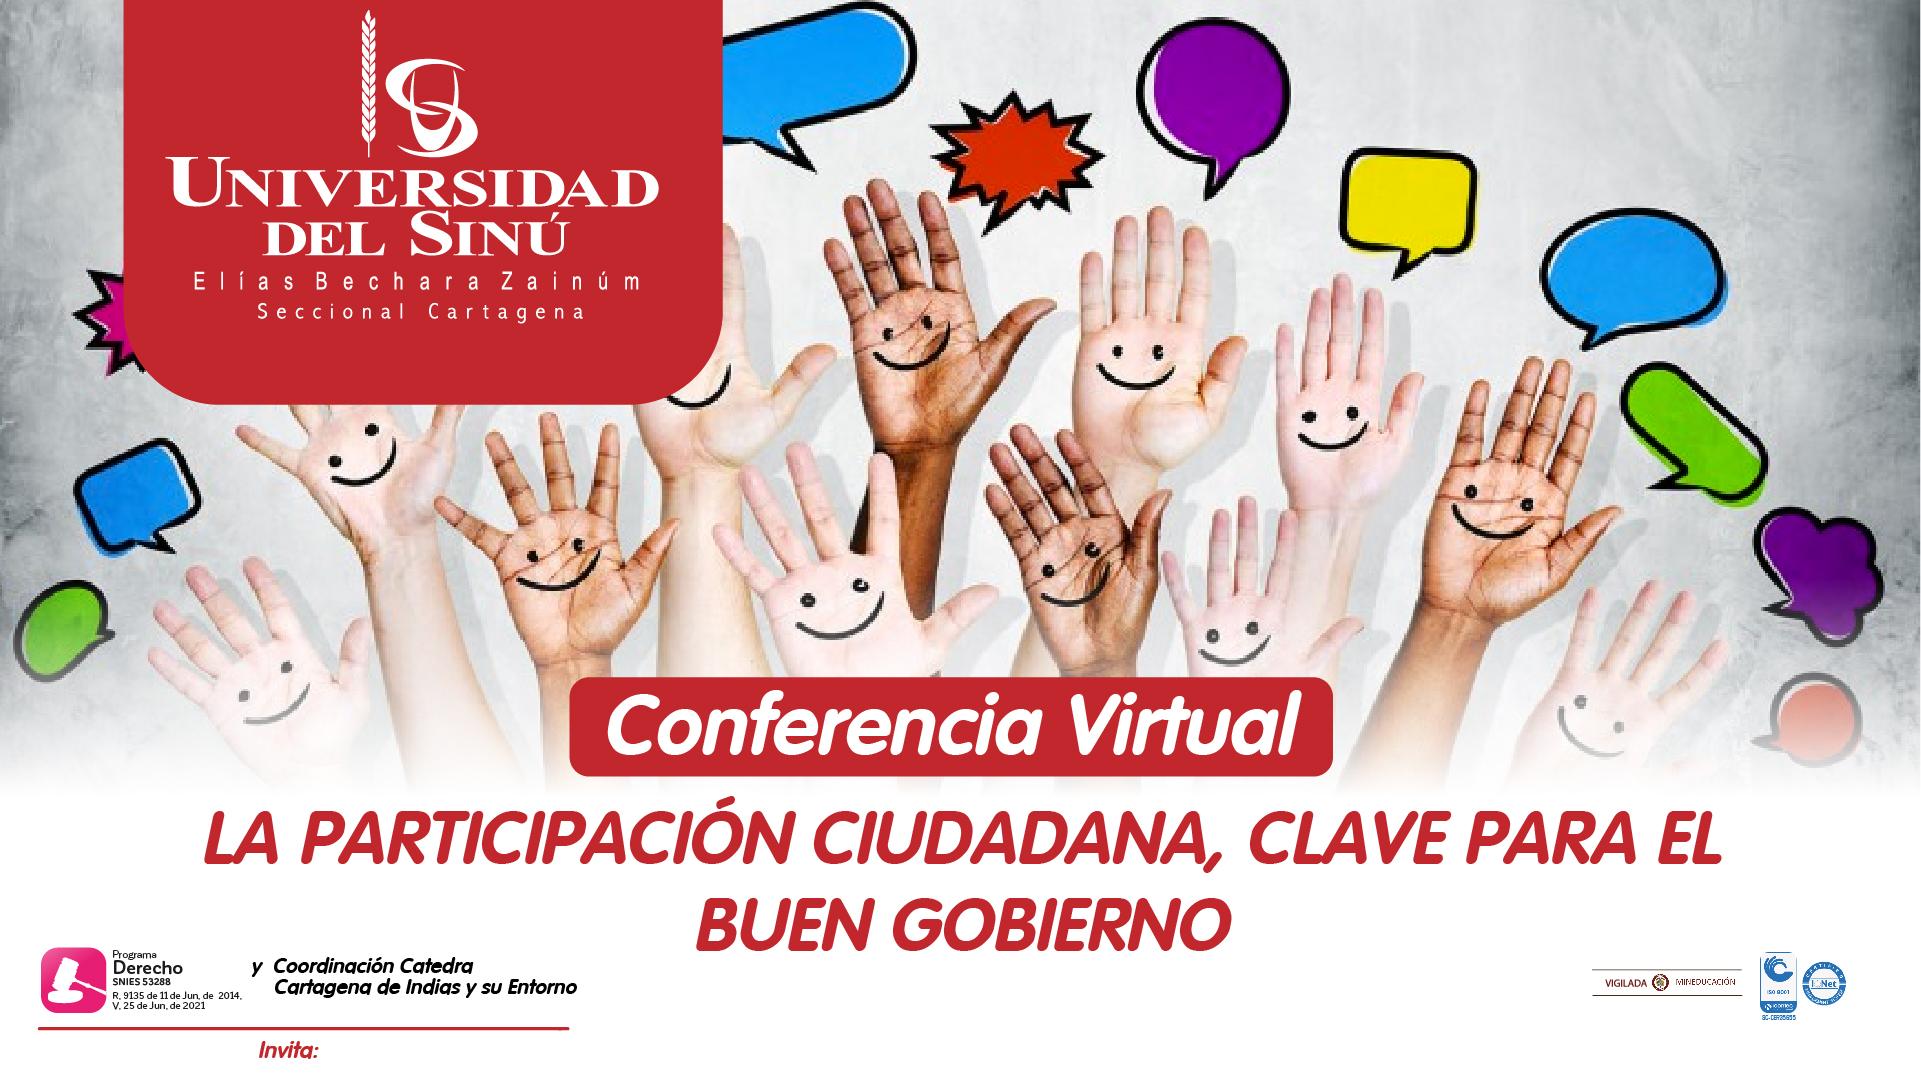 LA PARTICIPACION CIUDADANA, CLAVE PARA EL BUEN GOBIERNO-02